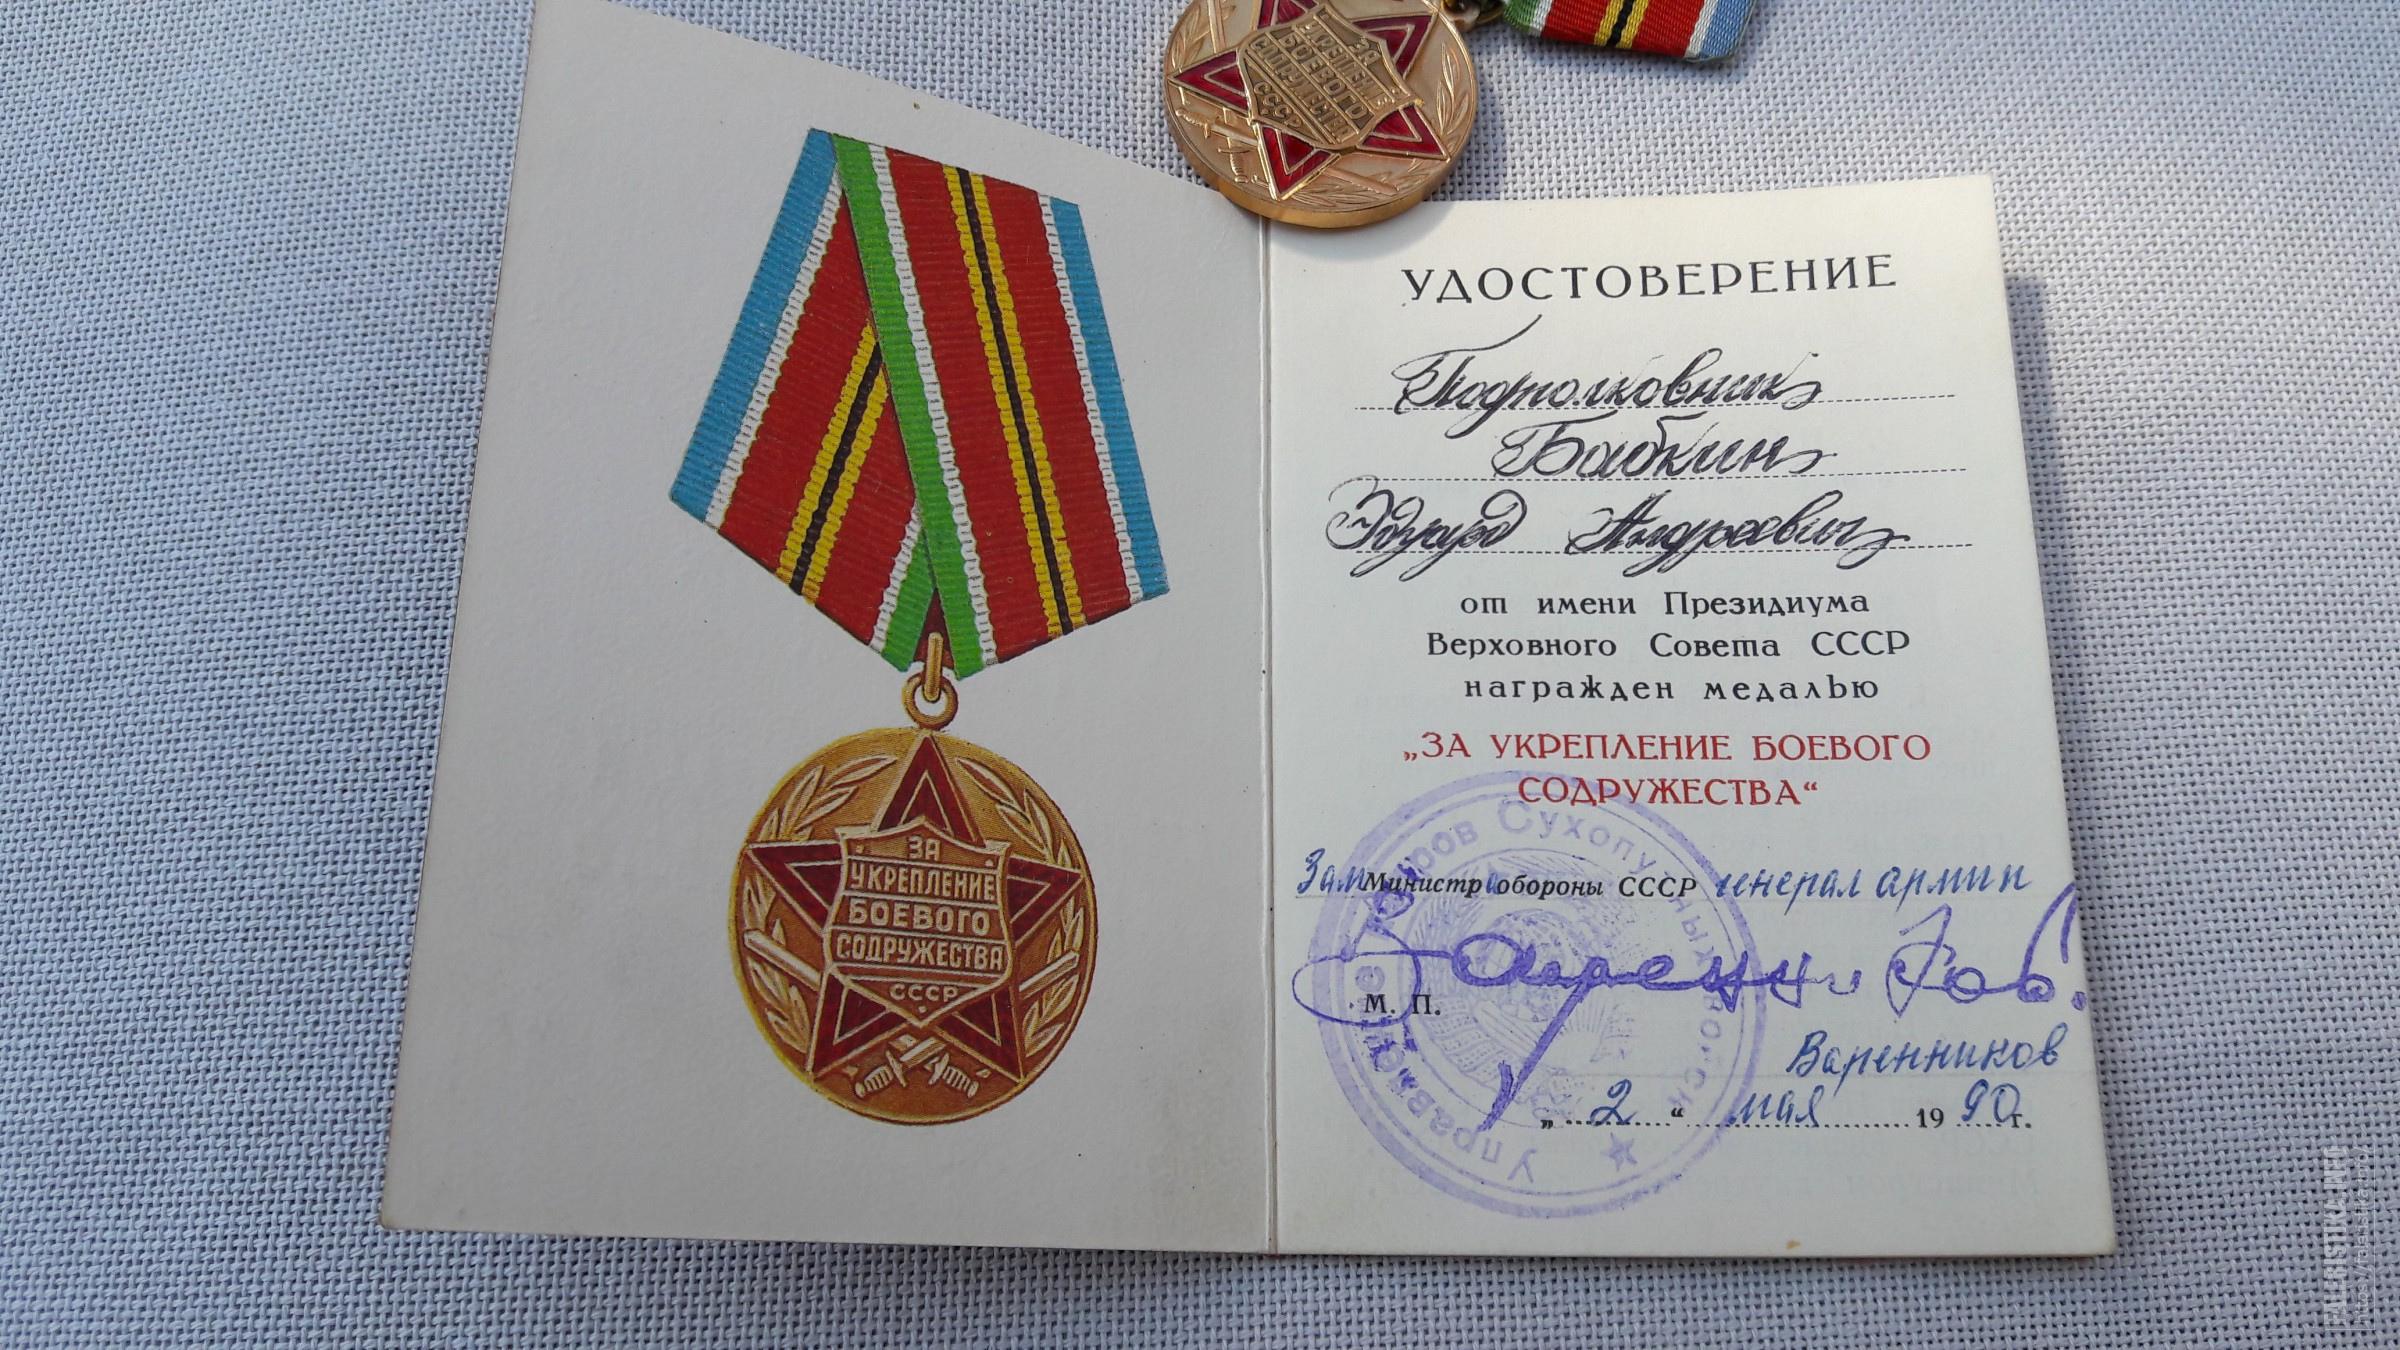 медаль за укрепление боевого содружества картинка львиную часть